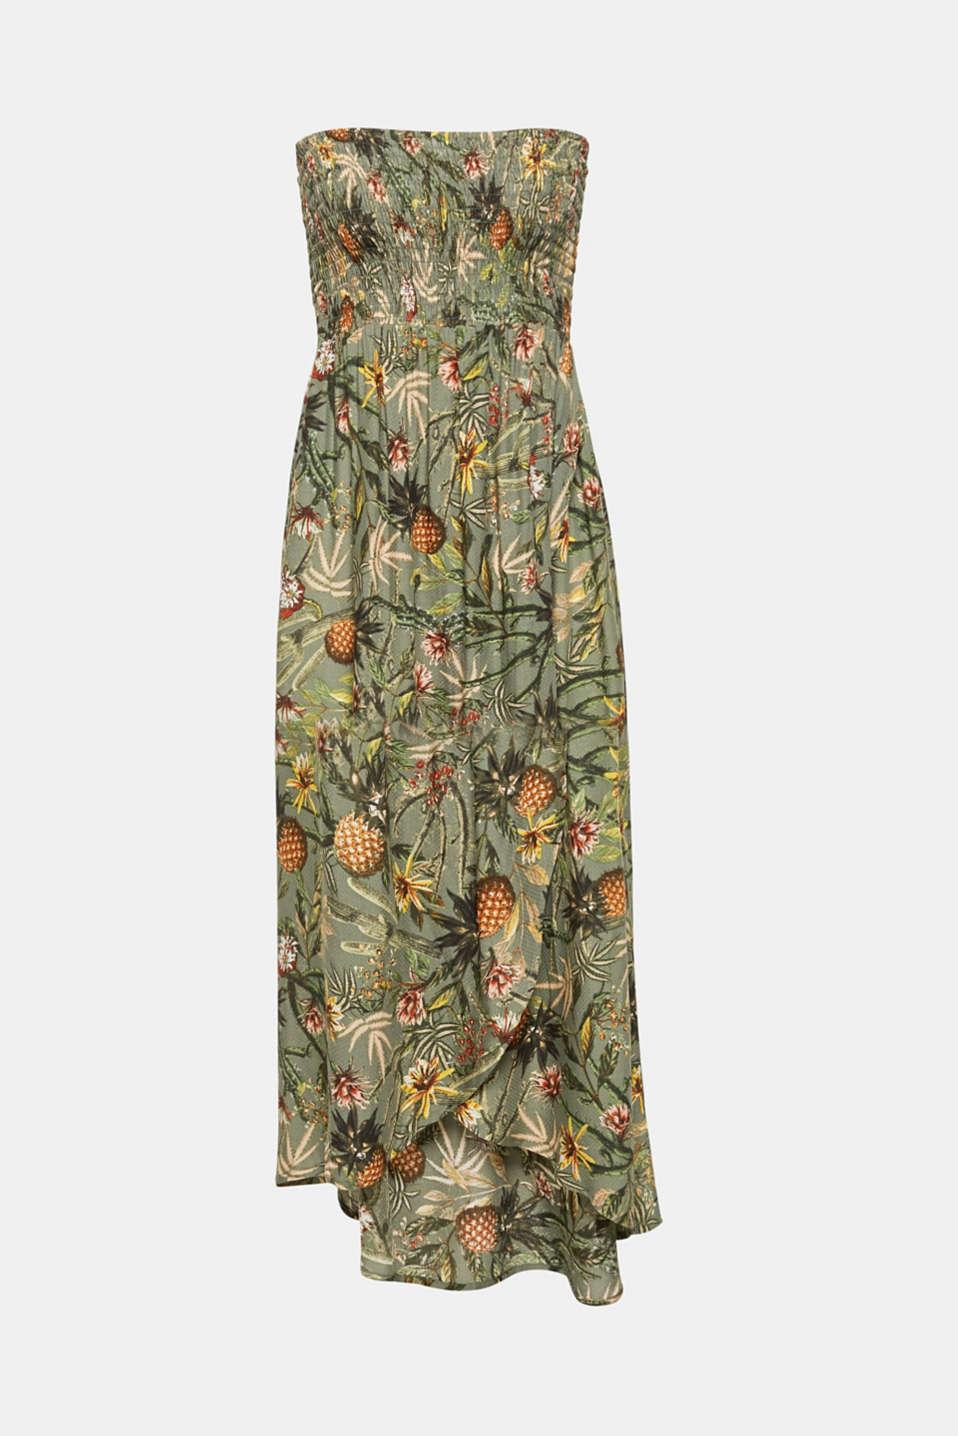 Off-shoulder smocked dress with print, LIGHT KHAKI, detail image number 3